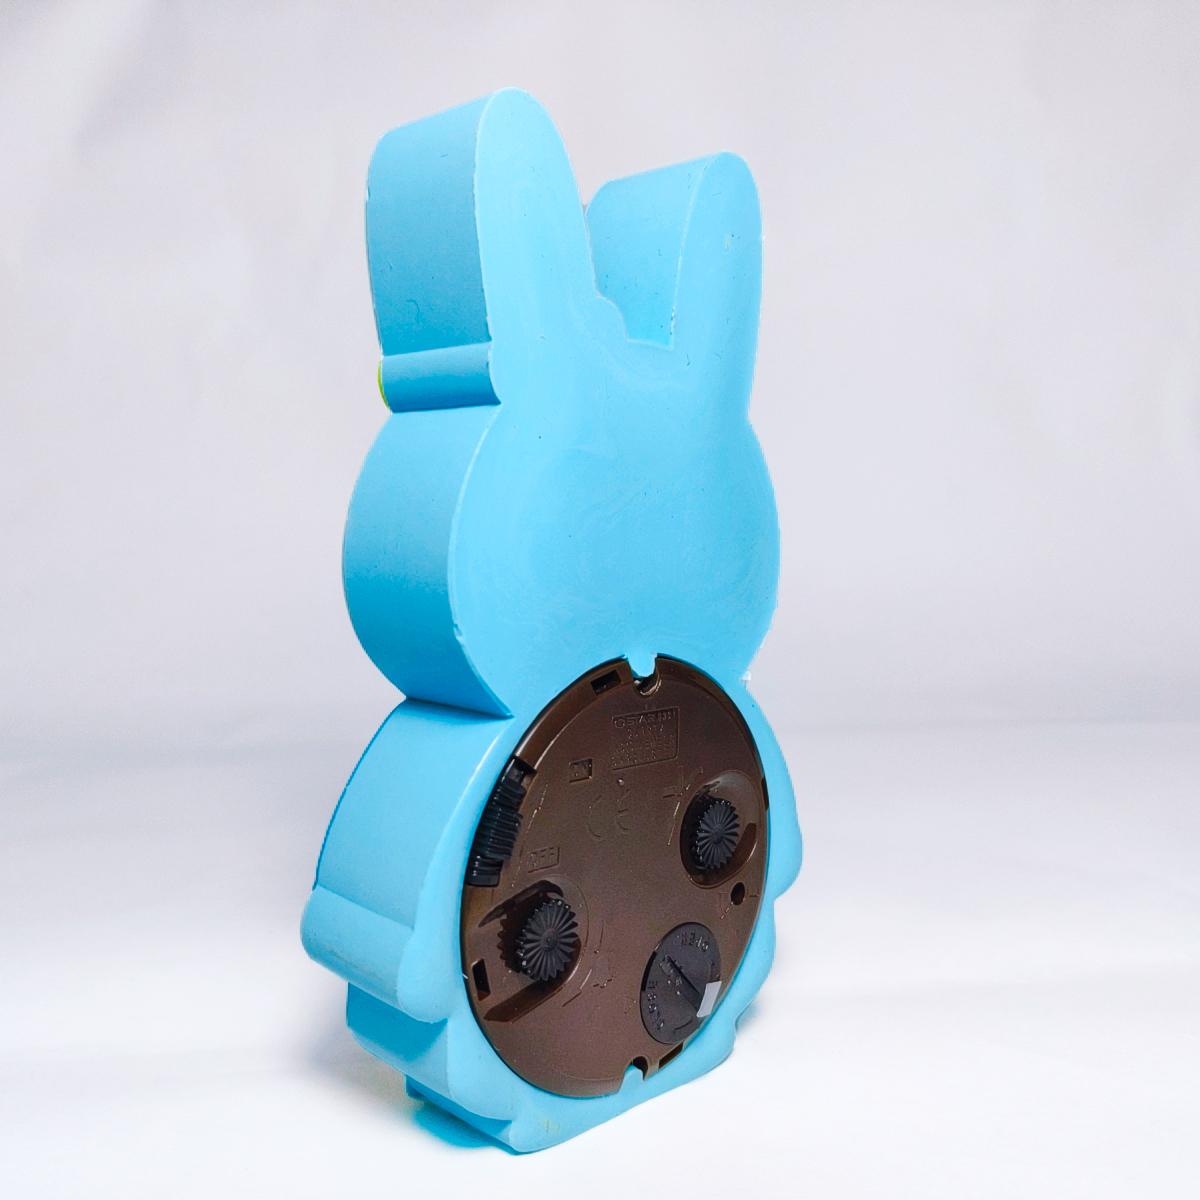 Đồng Hồ Để Bàn Thỏ Con (Màu giao ngẫu nhiên)